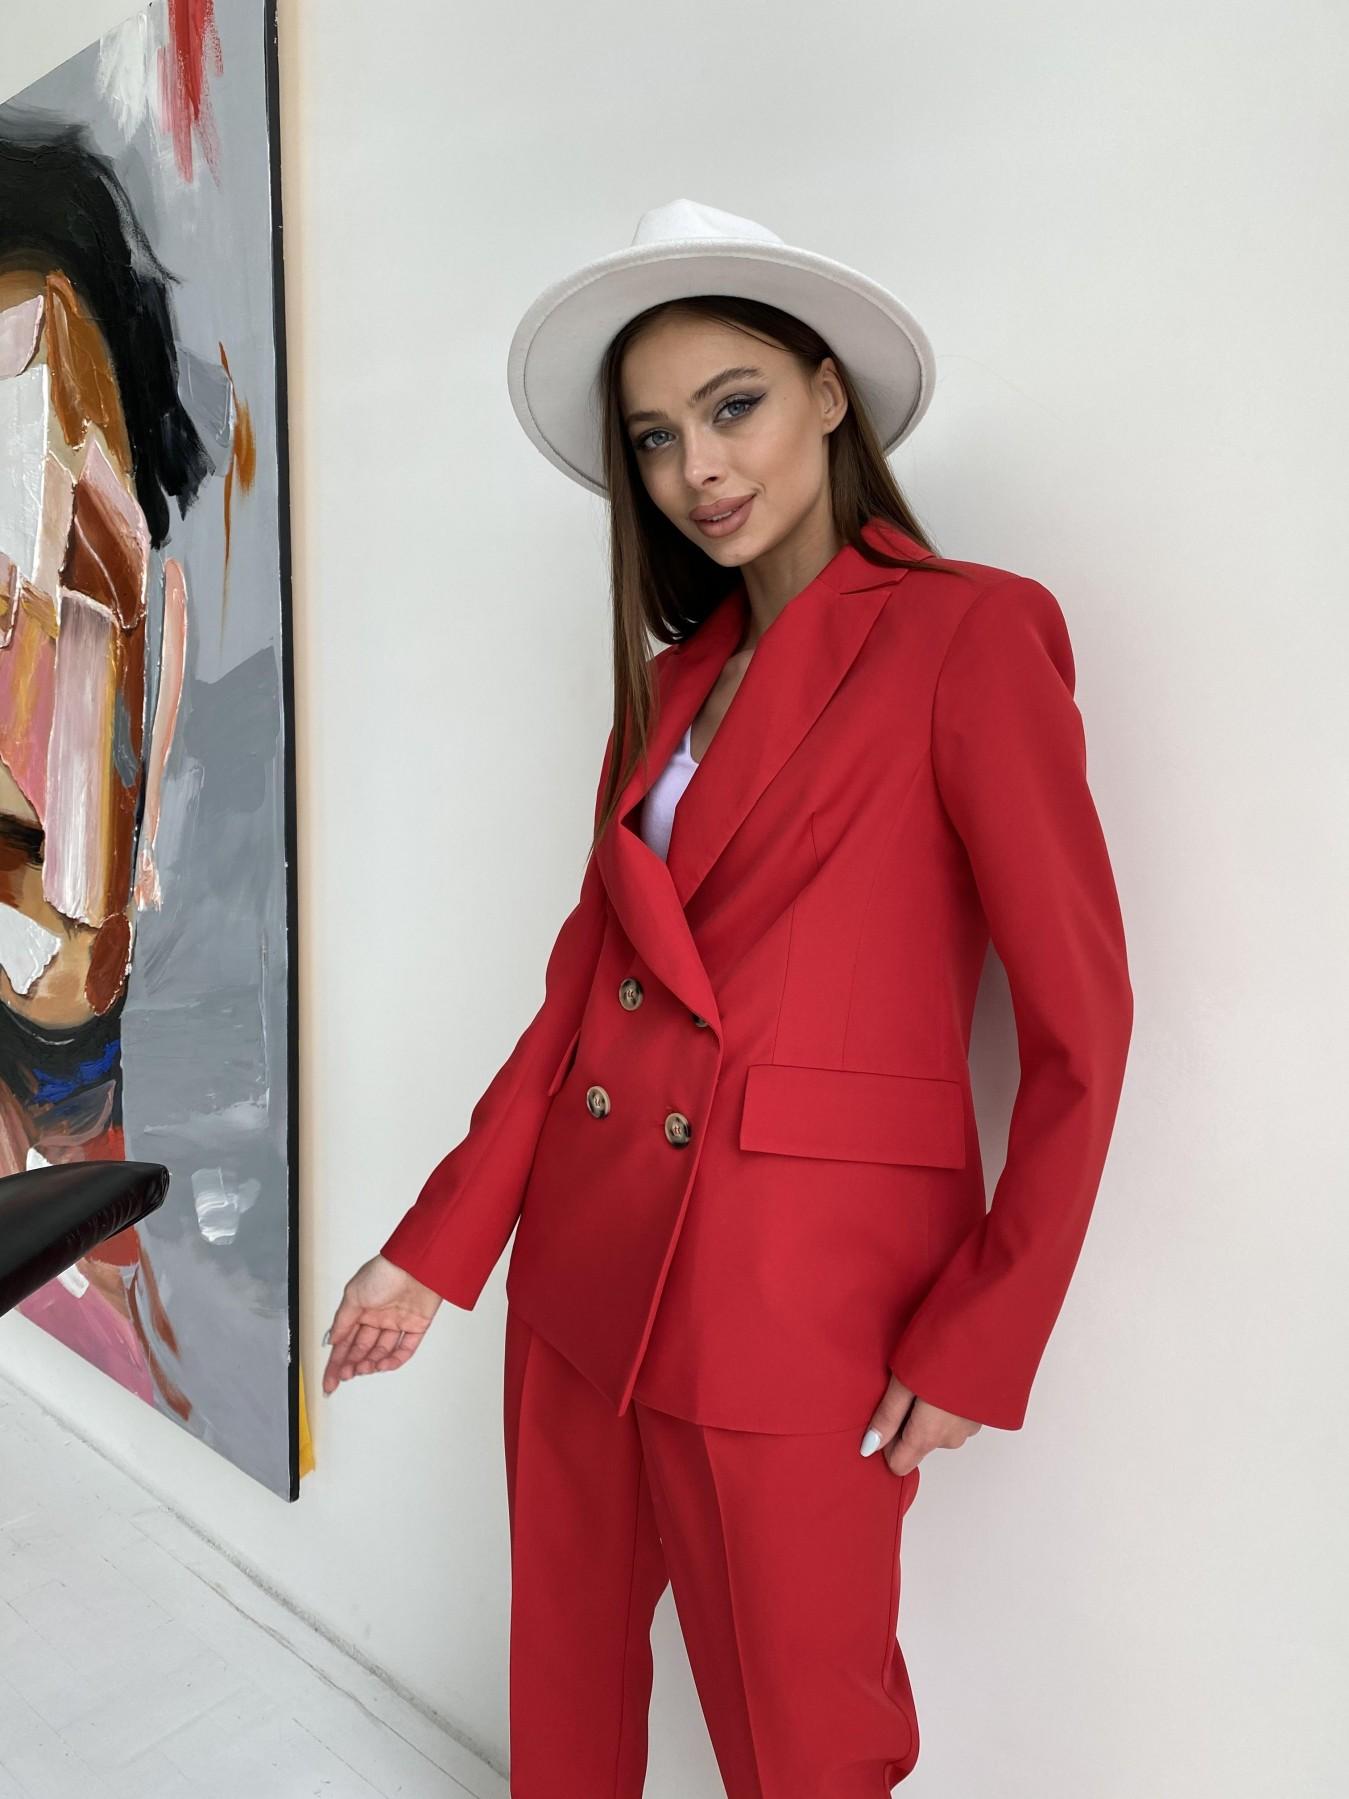 Франко костюм из костюмной ткани 11090 АРТ. 47798 Цвет: Красный - фото 2, интернет магазин tm-modus.ru